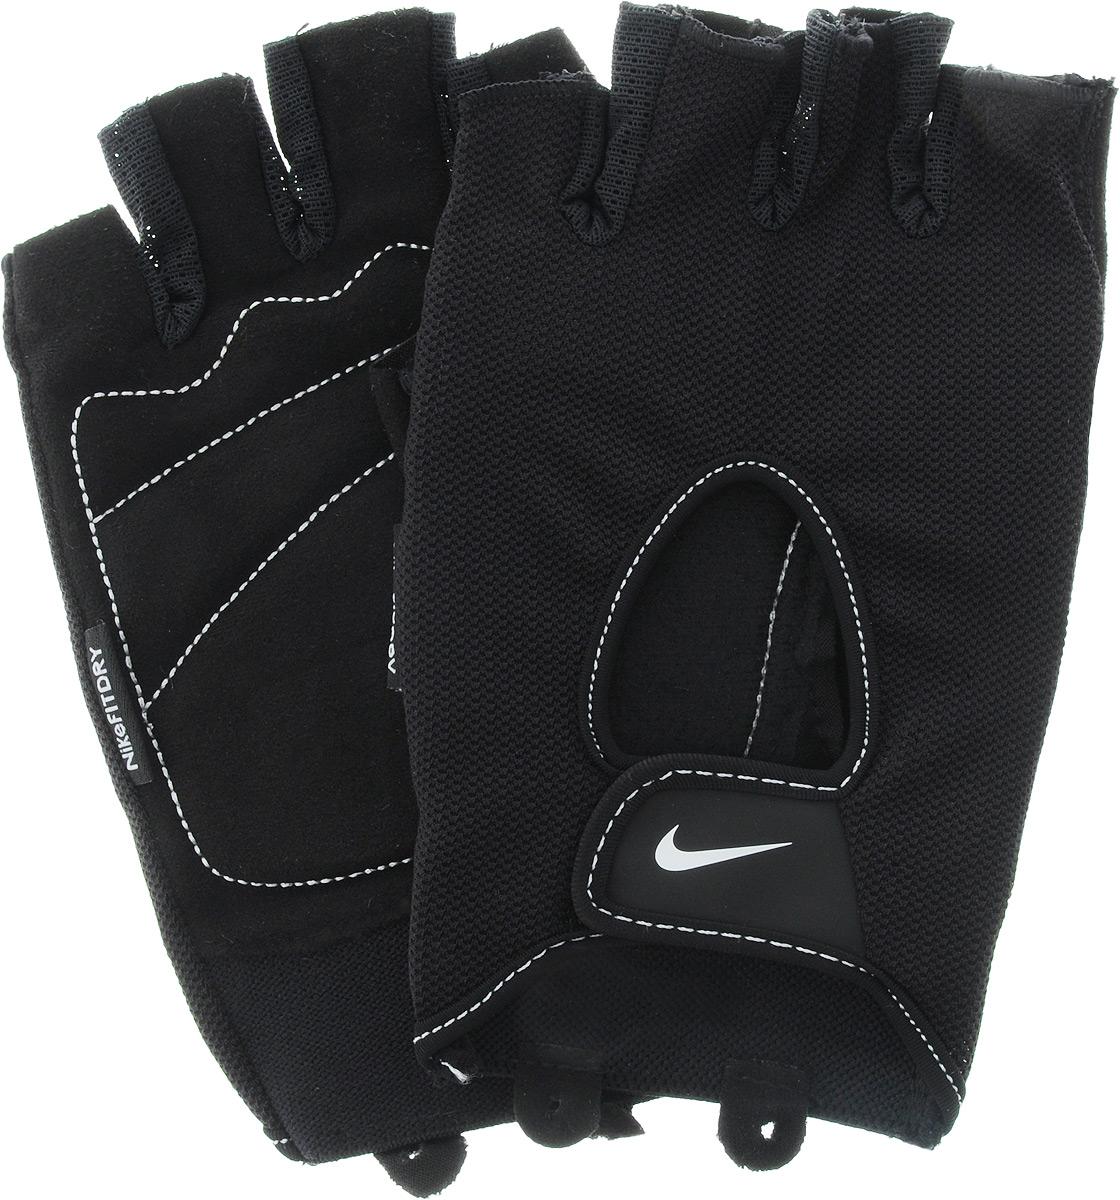 """Перчатки для фитнеса мужские Nike """"Men's Fundamental Training Gloves"""", цвет: черный. Размер S 9.092.051.037."""